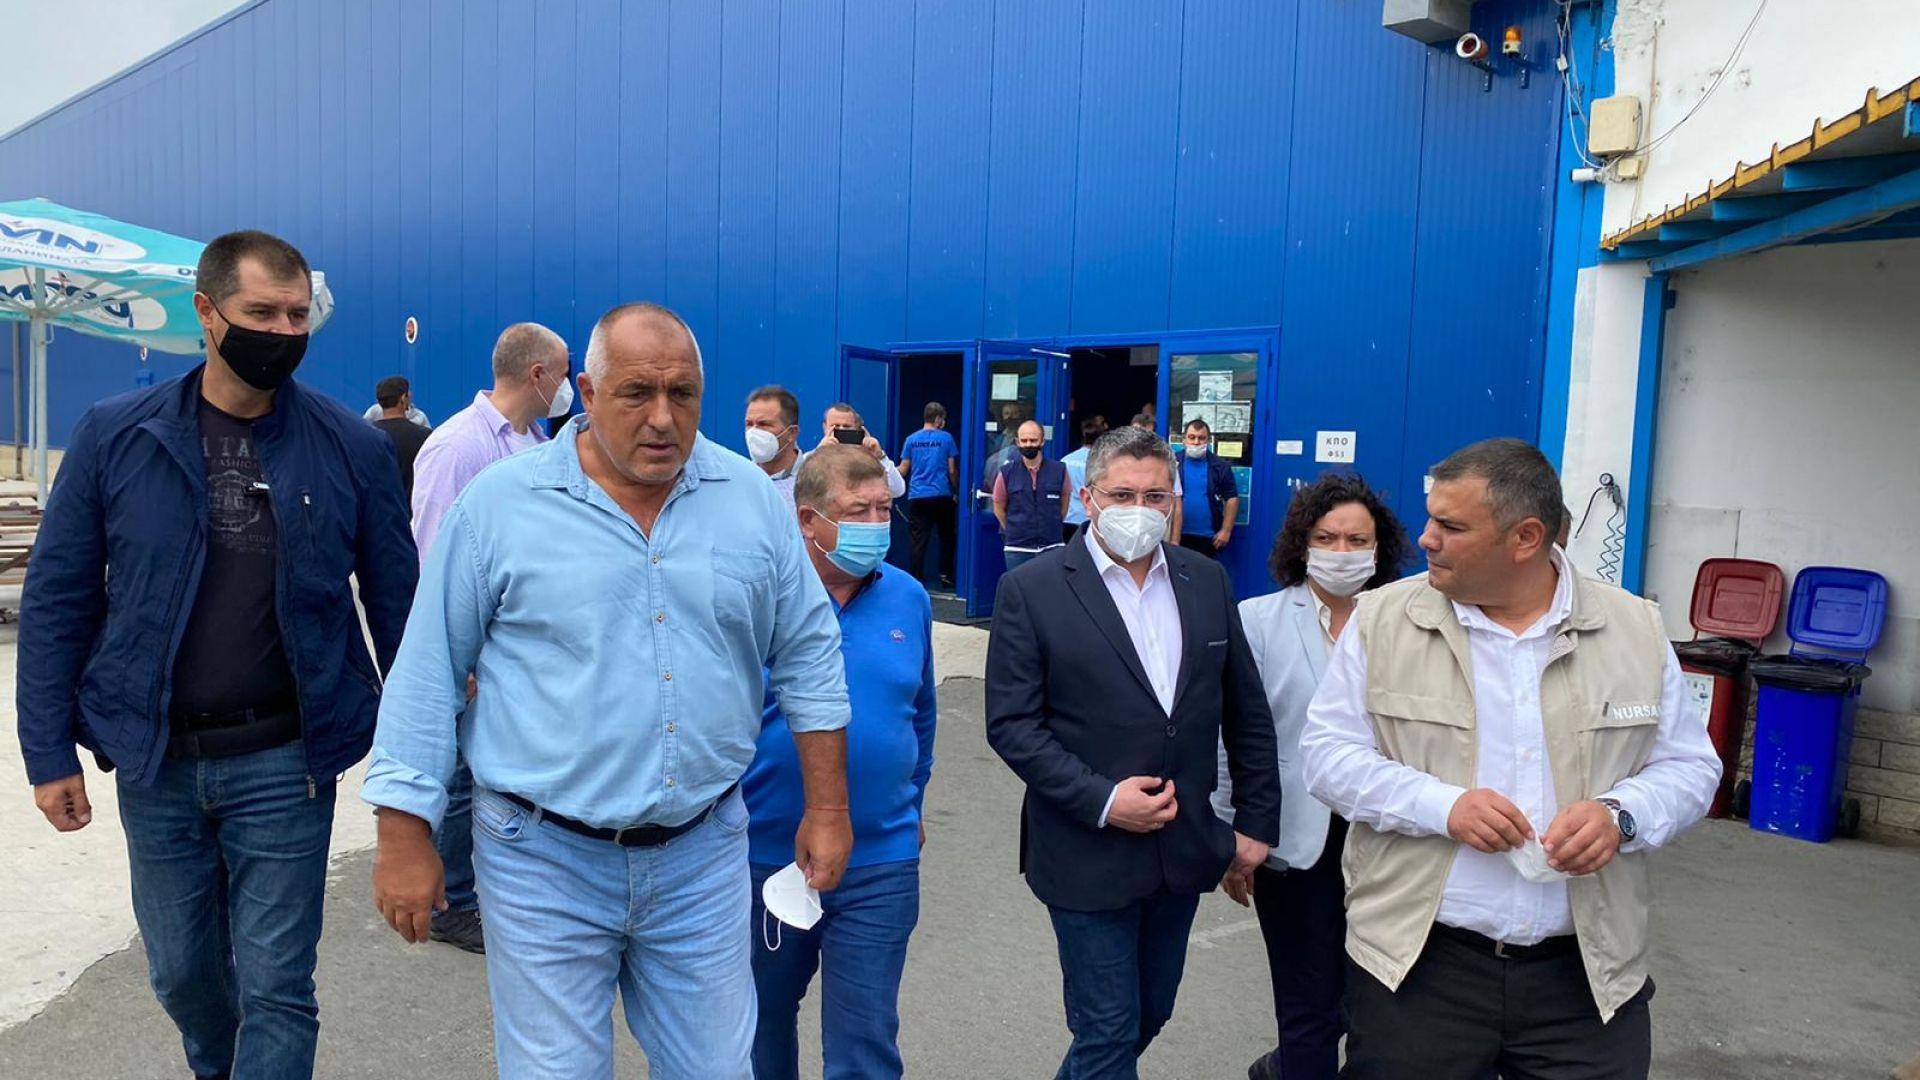 Борисов: С ченгеджийските си номера нашите опоненти искат да ни изложат (видео)